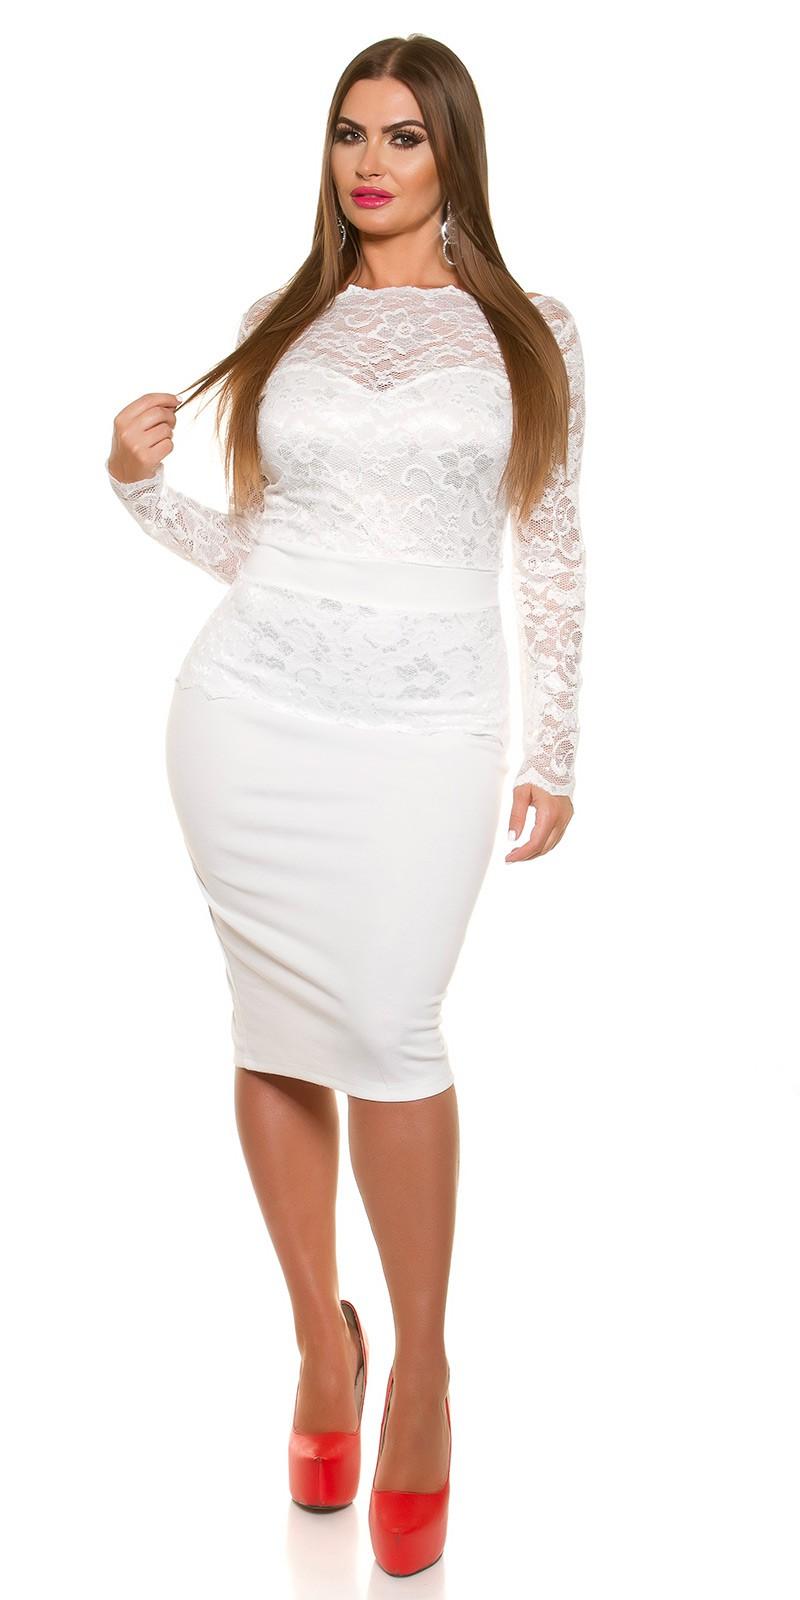 Hosszú ujjú midi női ruha csipkével - Fehér (46) empty b9205dfa35